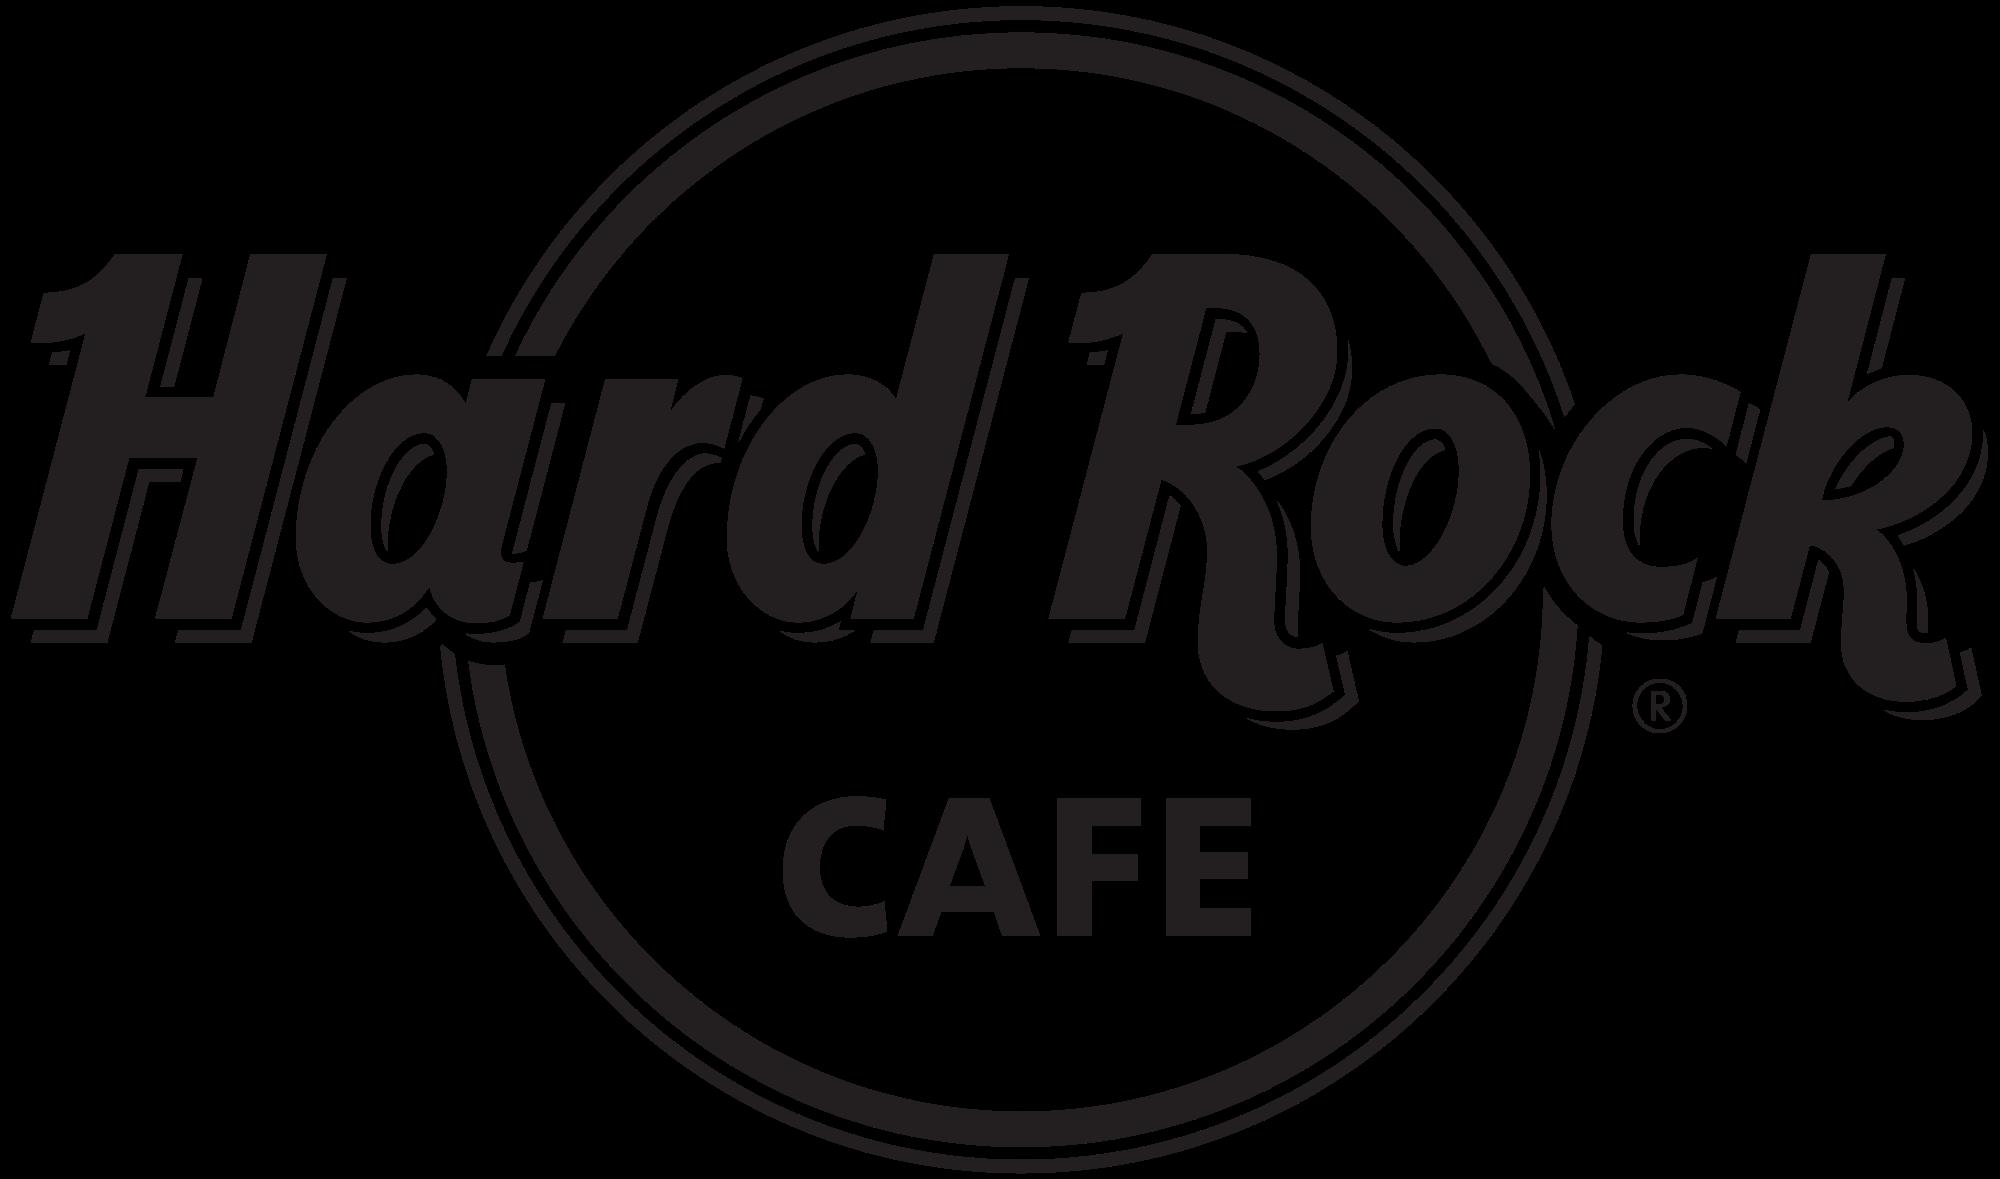 Hard Rock Hotel.